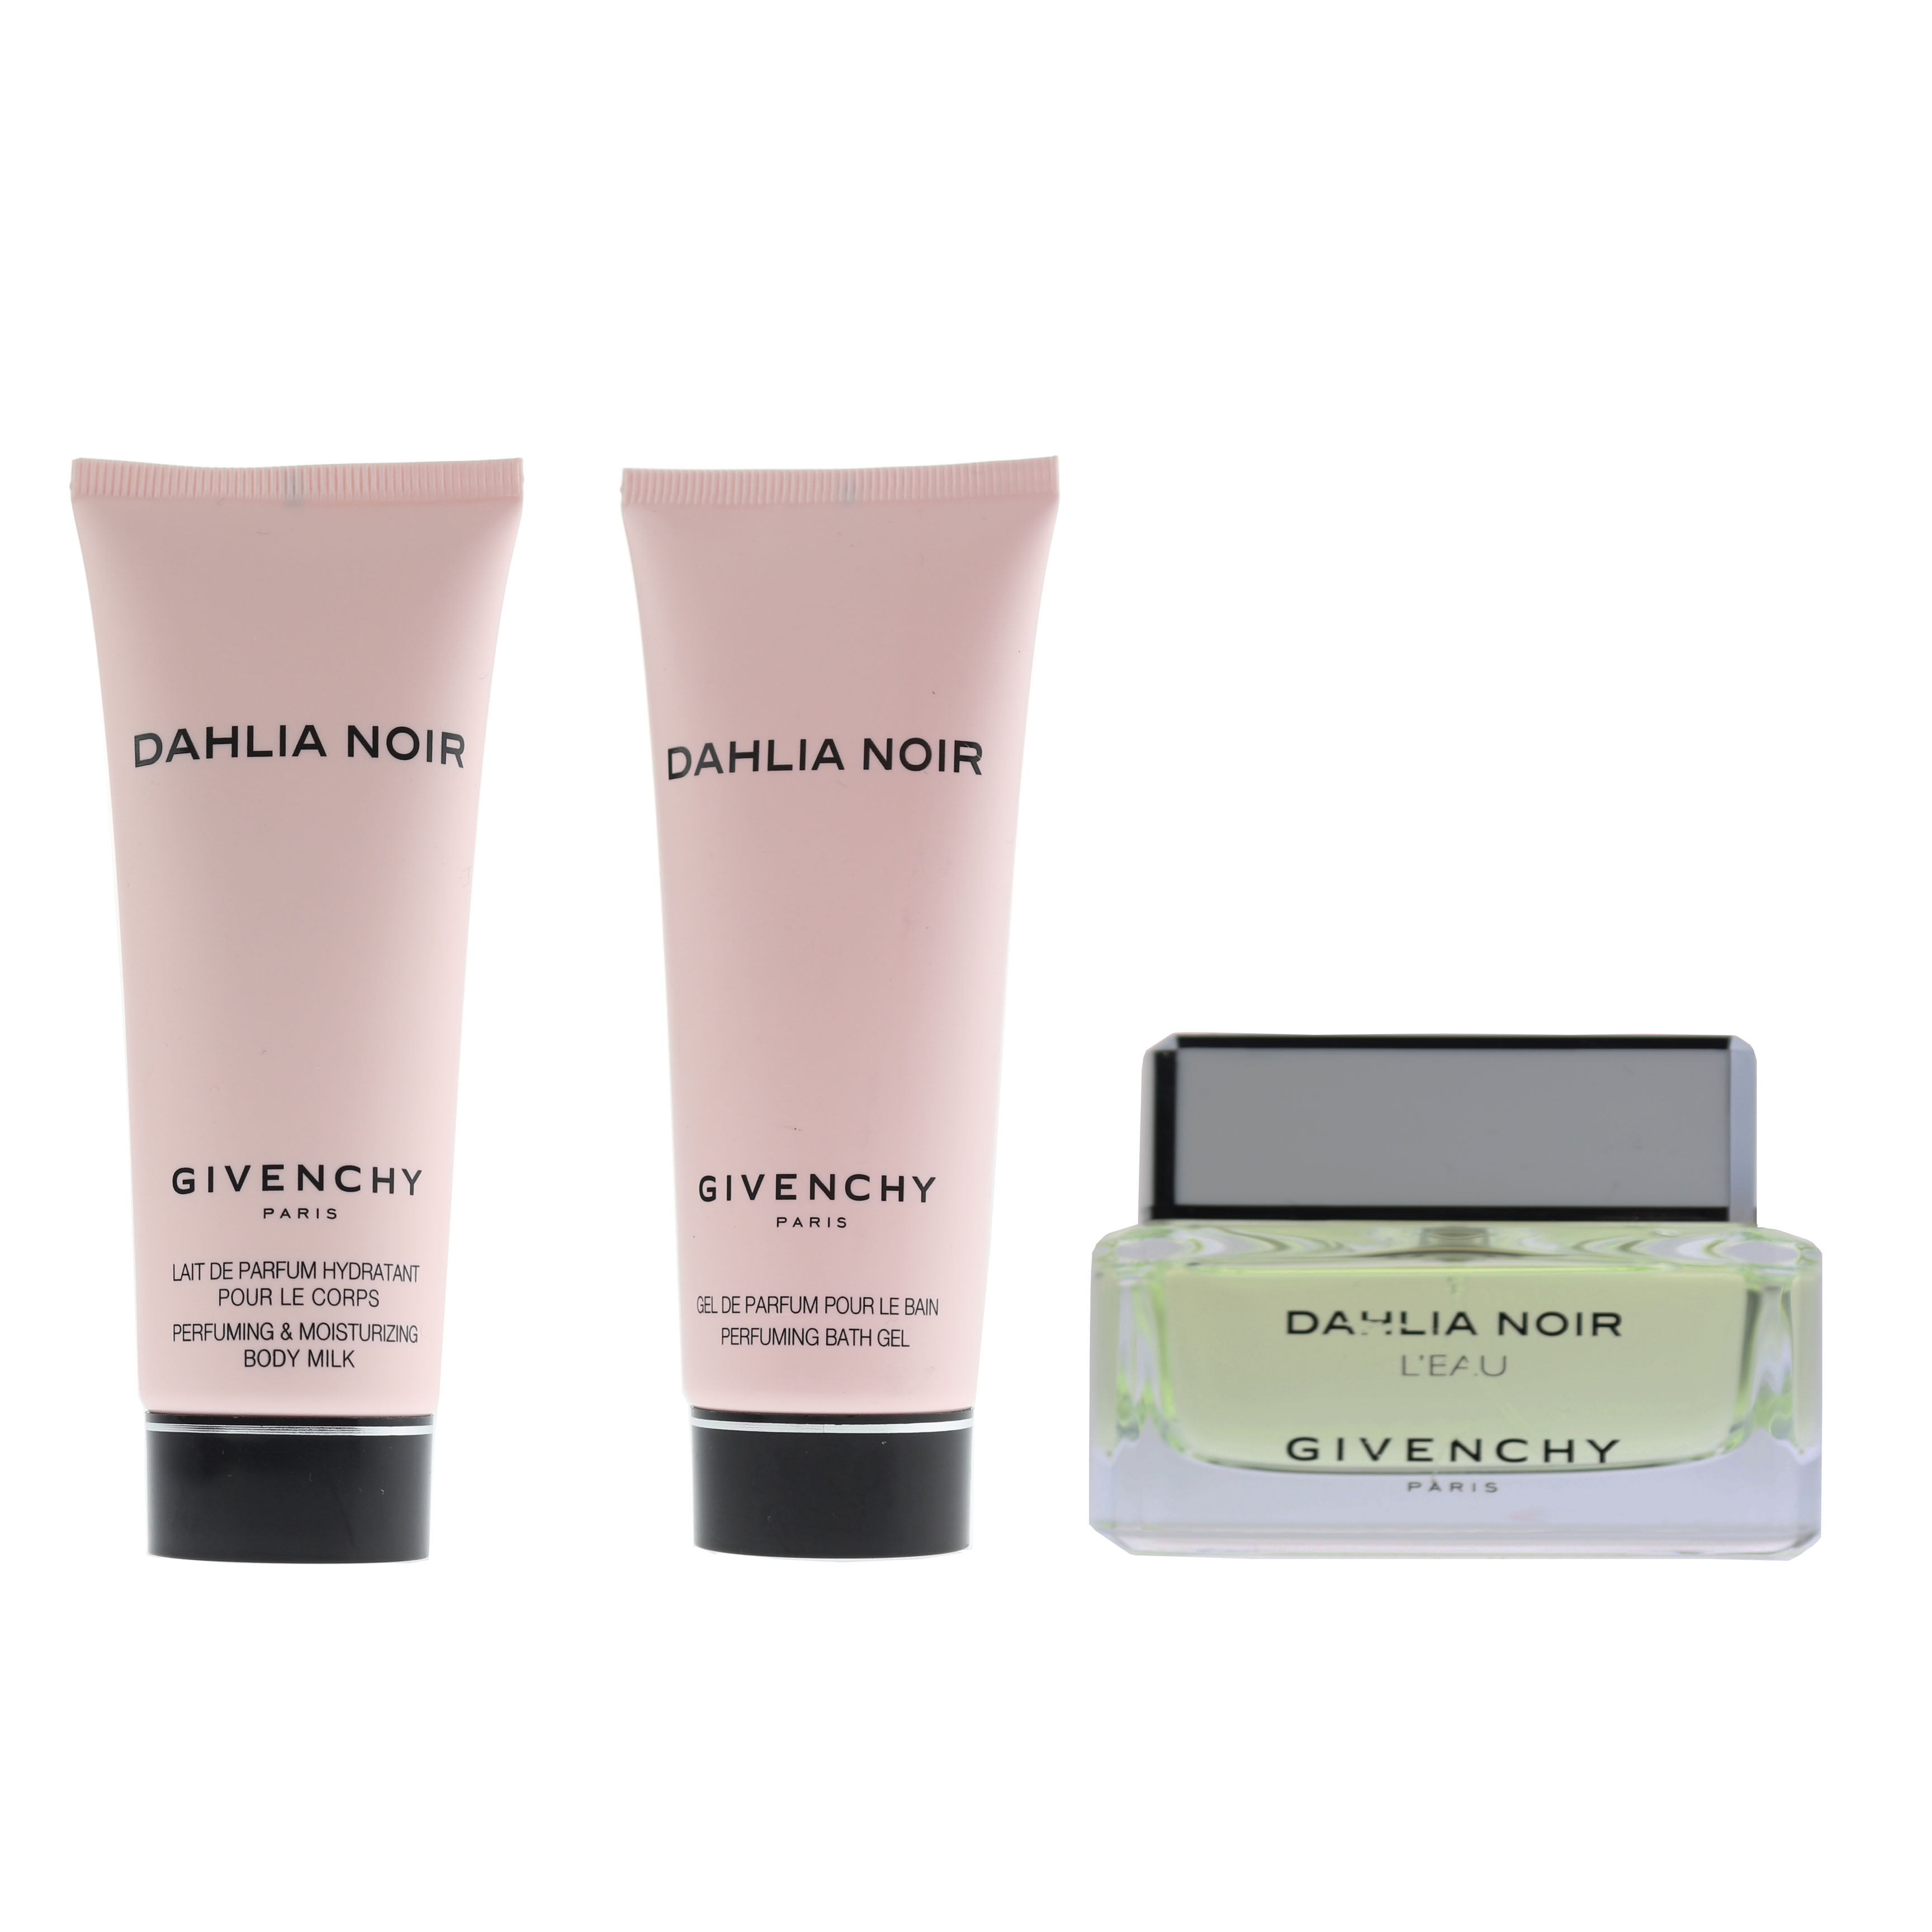 Ma Dahlia Noir Perfume Oil: Givenchy 'Dahlia Noir 1.7oz/50ml L'eau Eau De Toilette